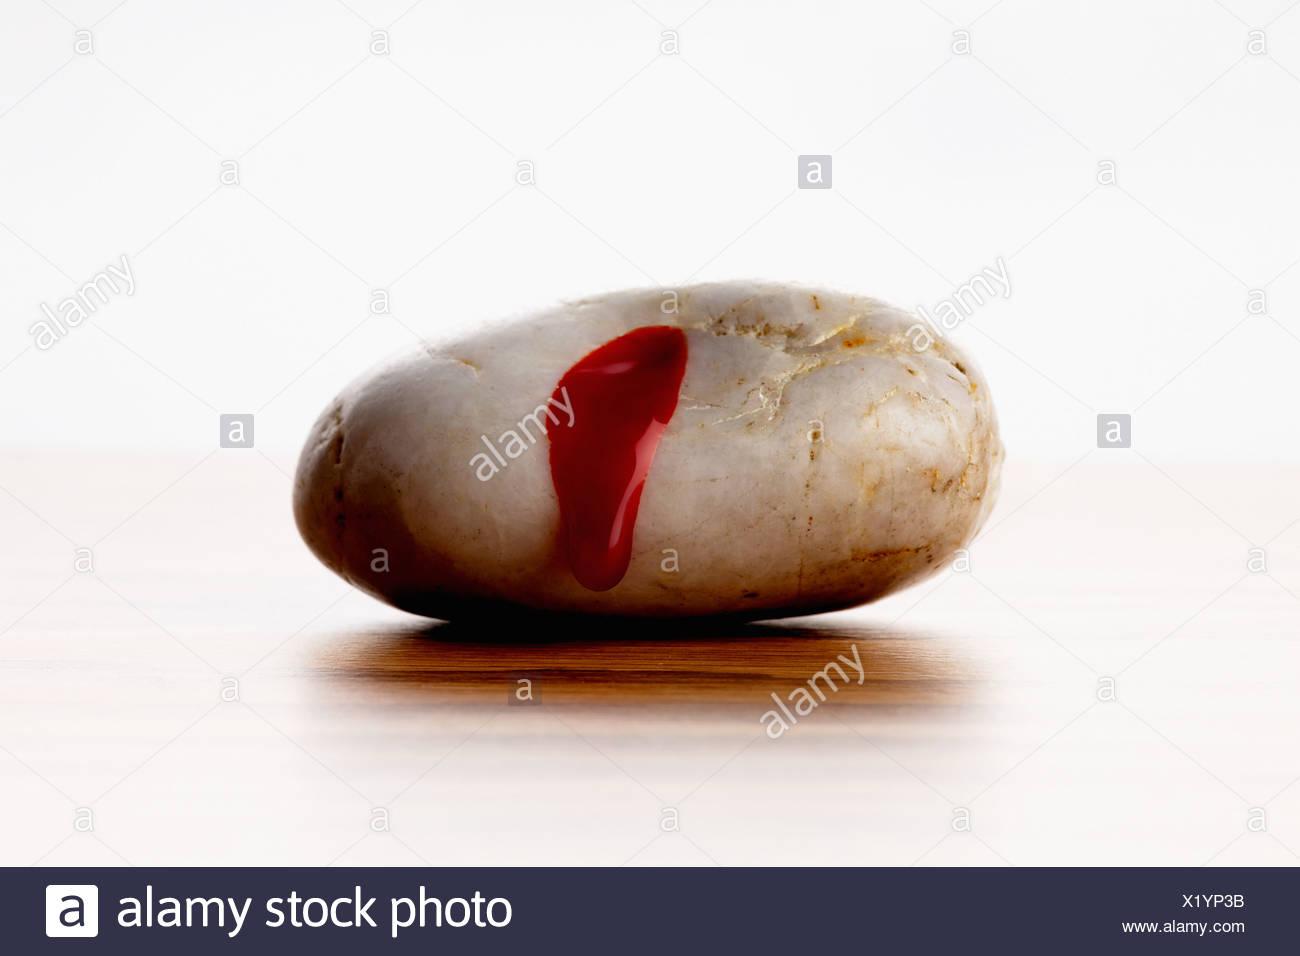 Bleeding stone - Stock Image